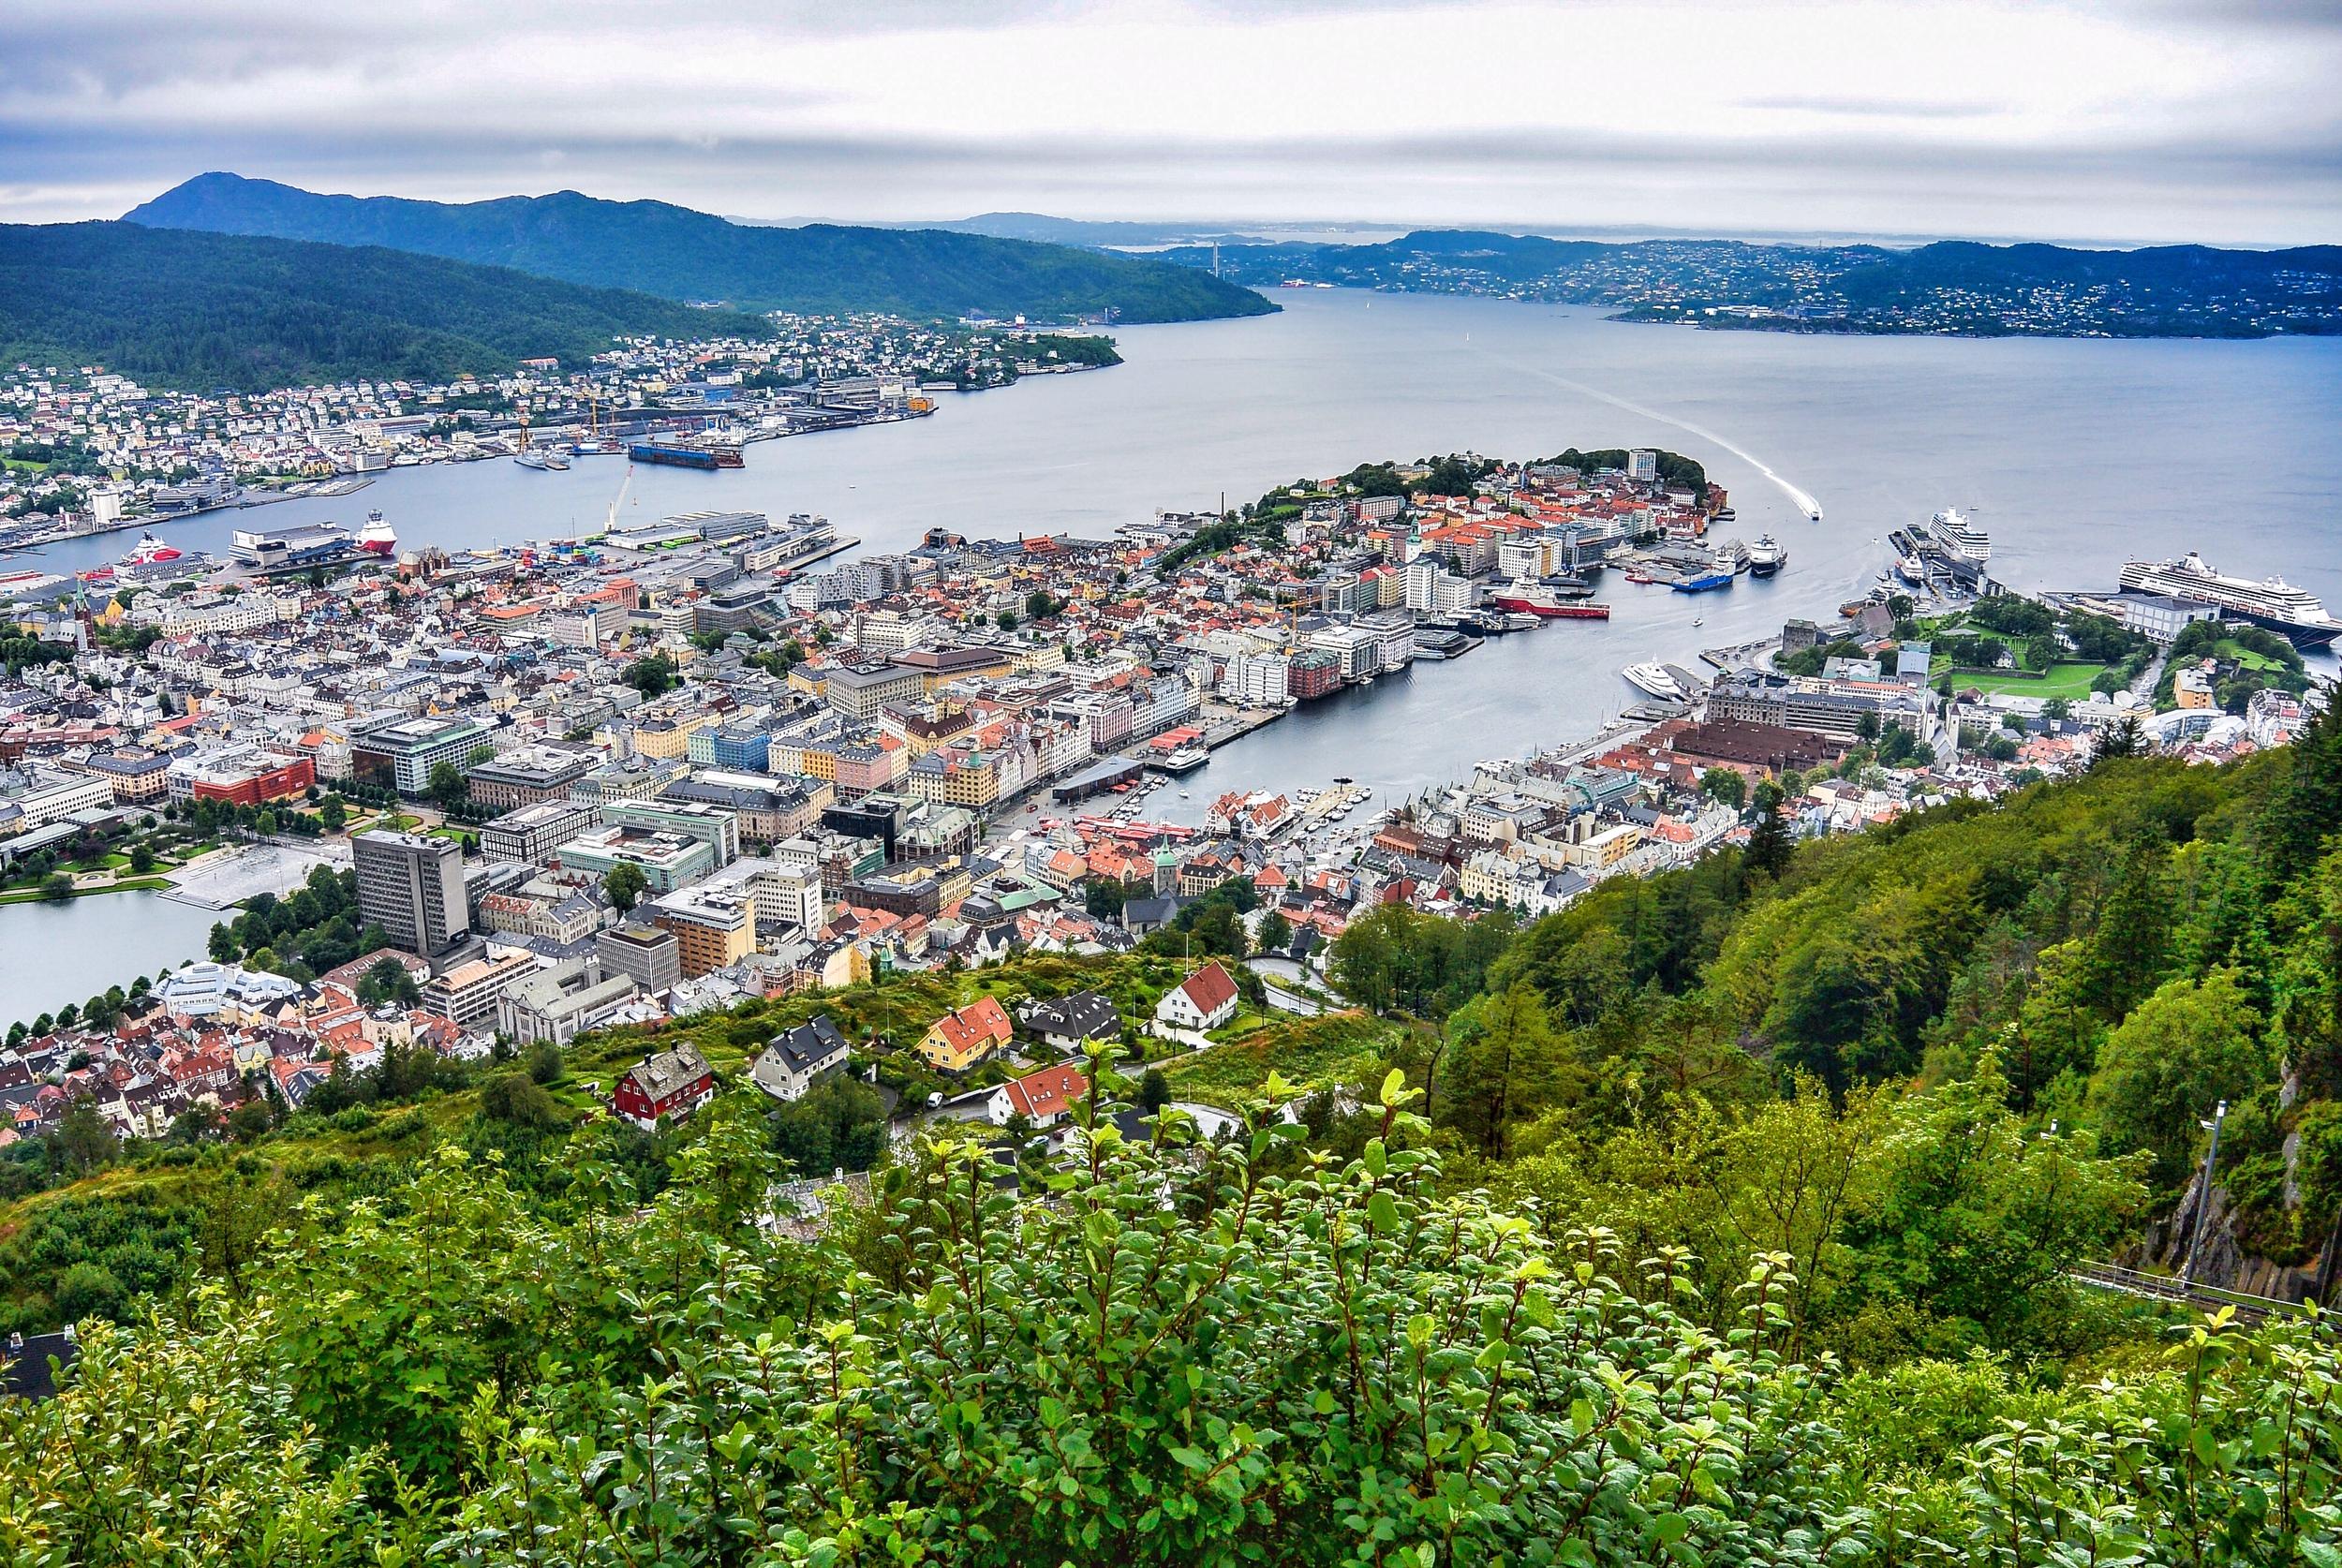 Mount Fløyen View of Bergen